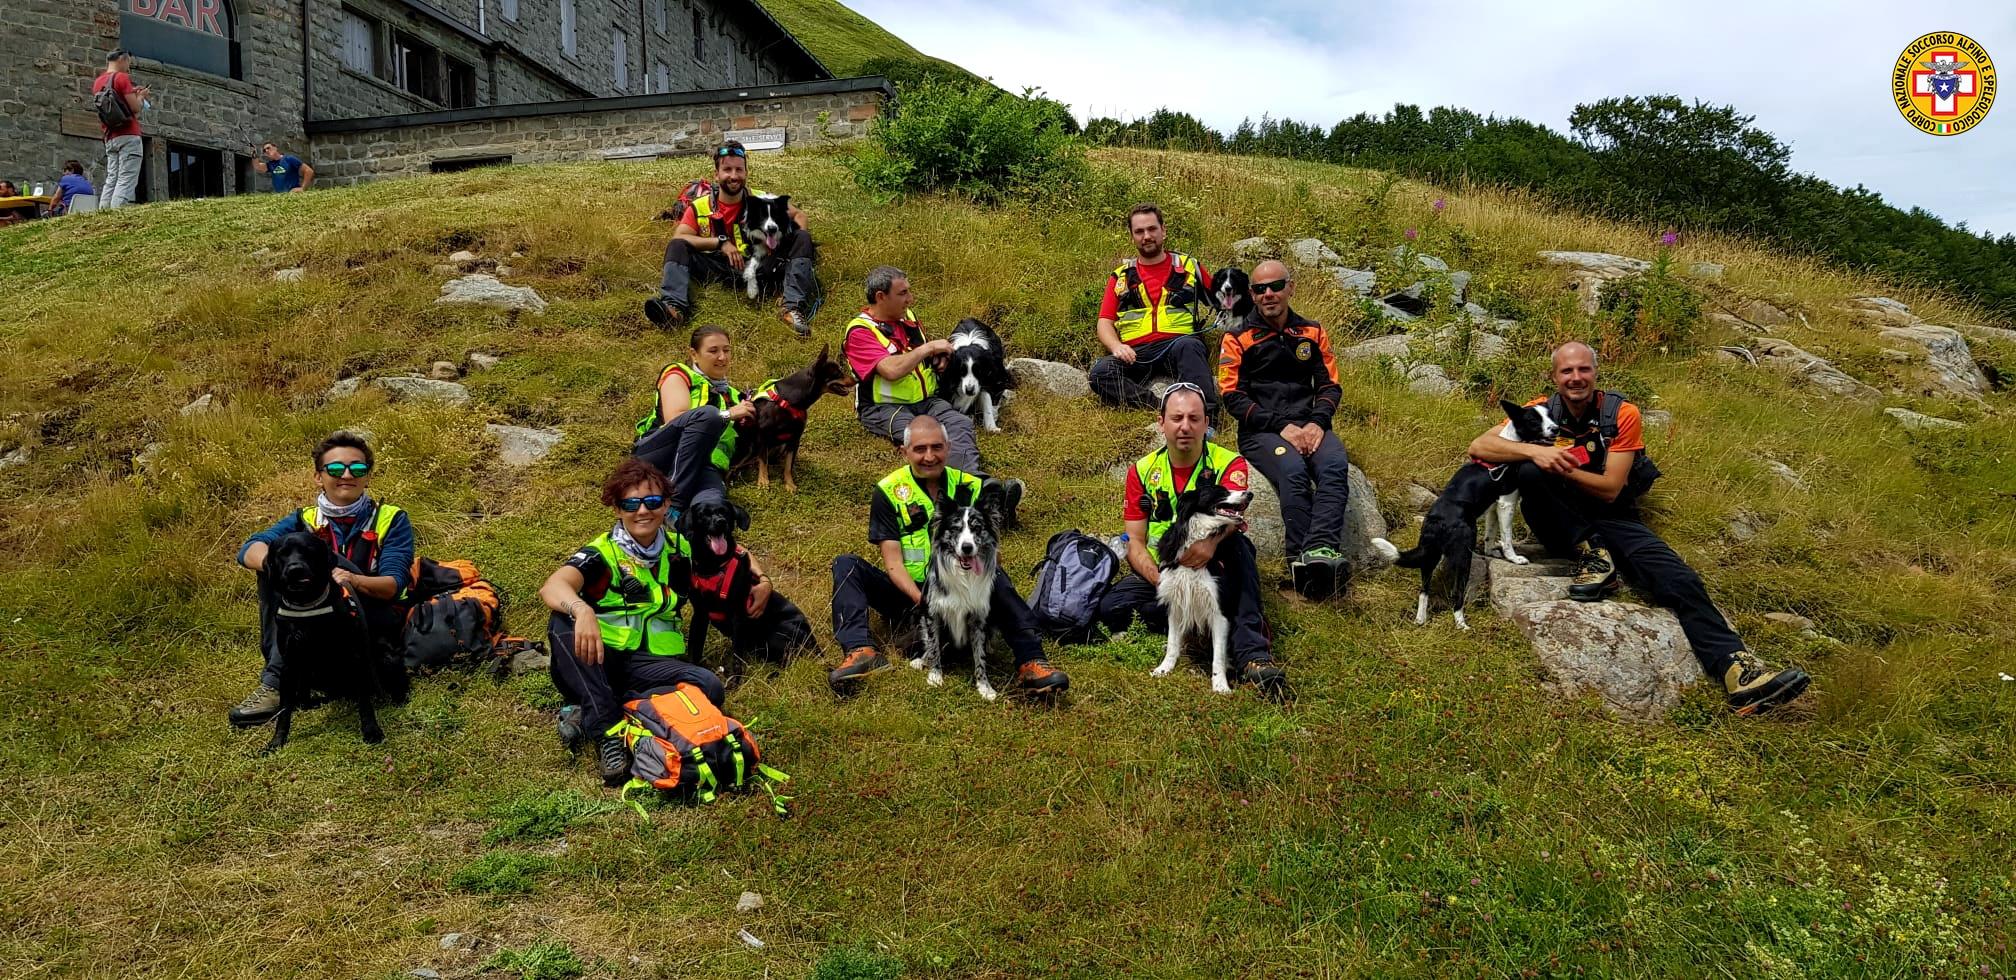 La Scuola Nazionale Unità Cinofile del Soccorso Alpino in addestramento sull'Abetone in Val di Luce